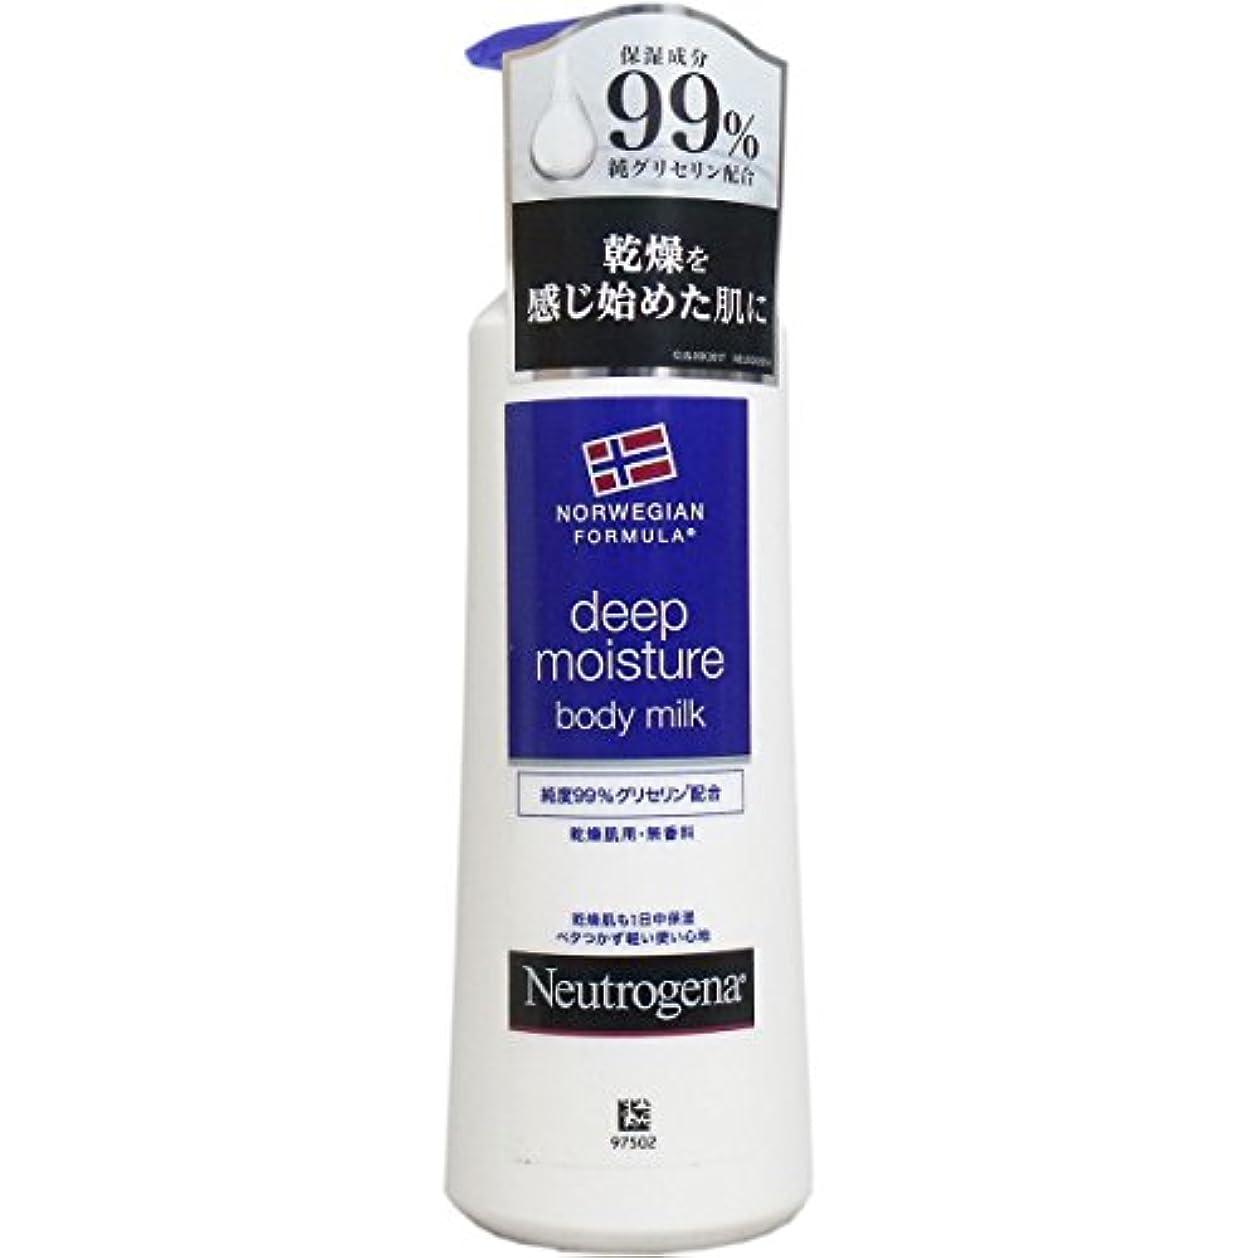 風味障害供給【まとめ買い】Neutrogena(ニュートロジーナ) ノルウェーフォーミュラ ディープモイスチャー ボディミルク 乾燥肌用 無香料 250ml×7個